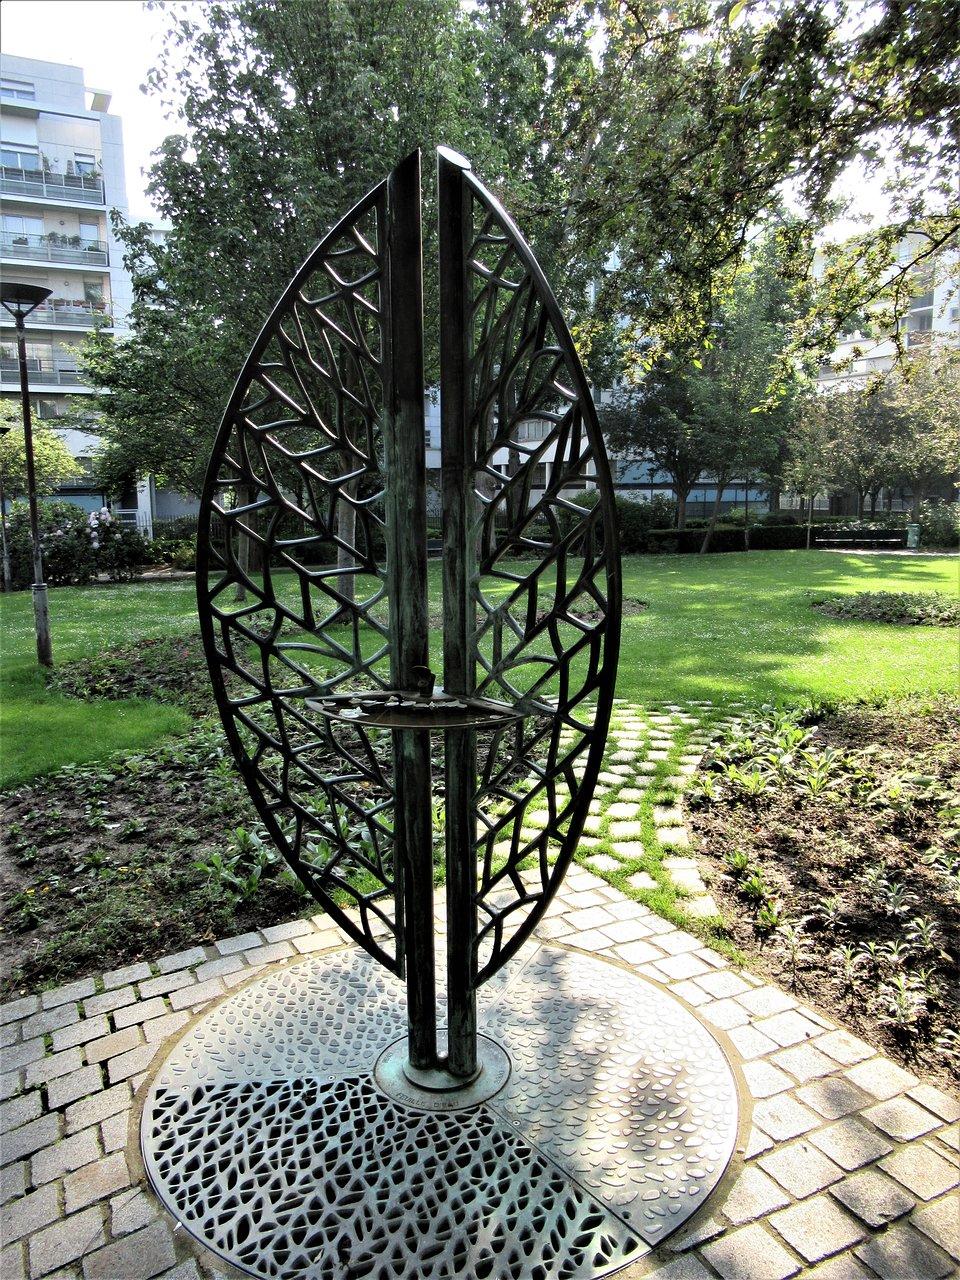 Jardin James-Joyce - Paris - Jardin James-Joyce Yorumları ... à Piscine Bar Le Duc